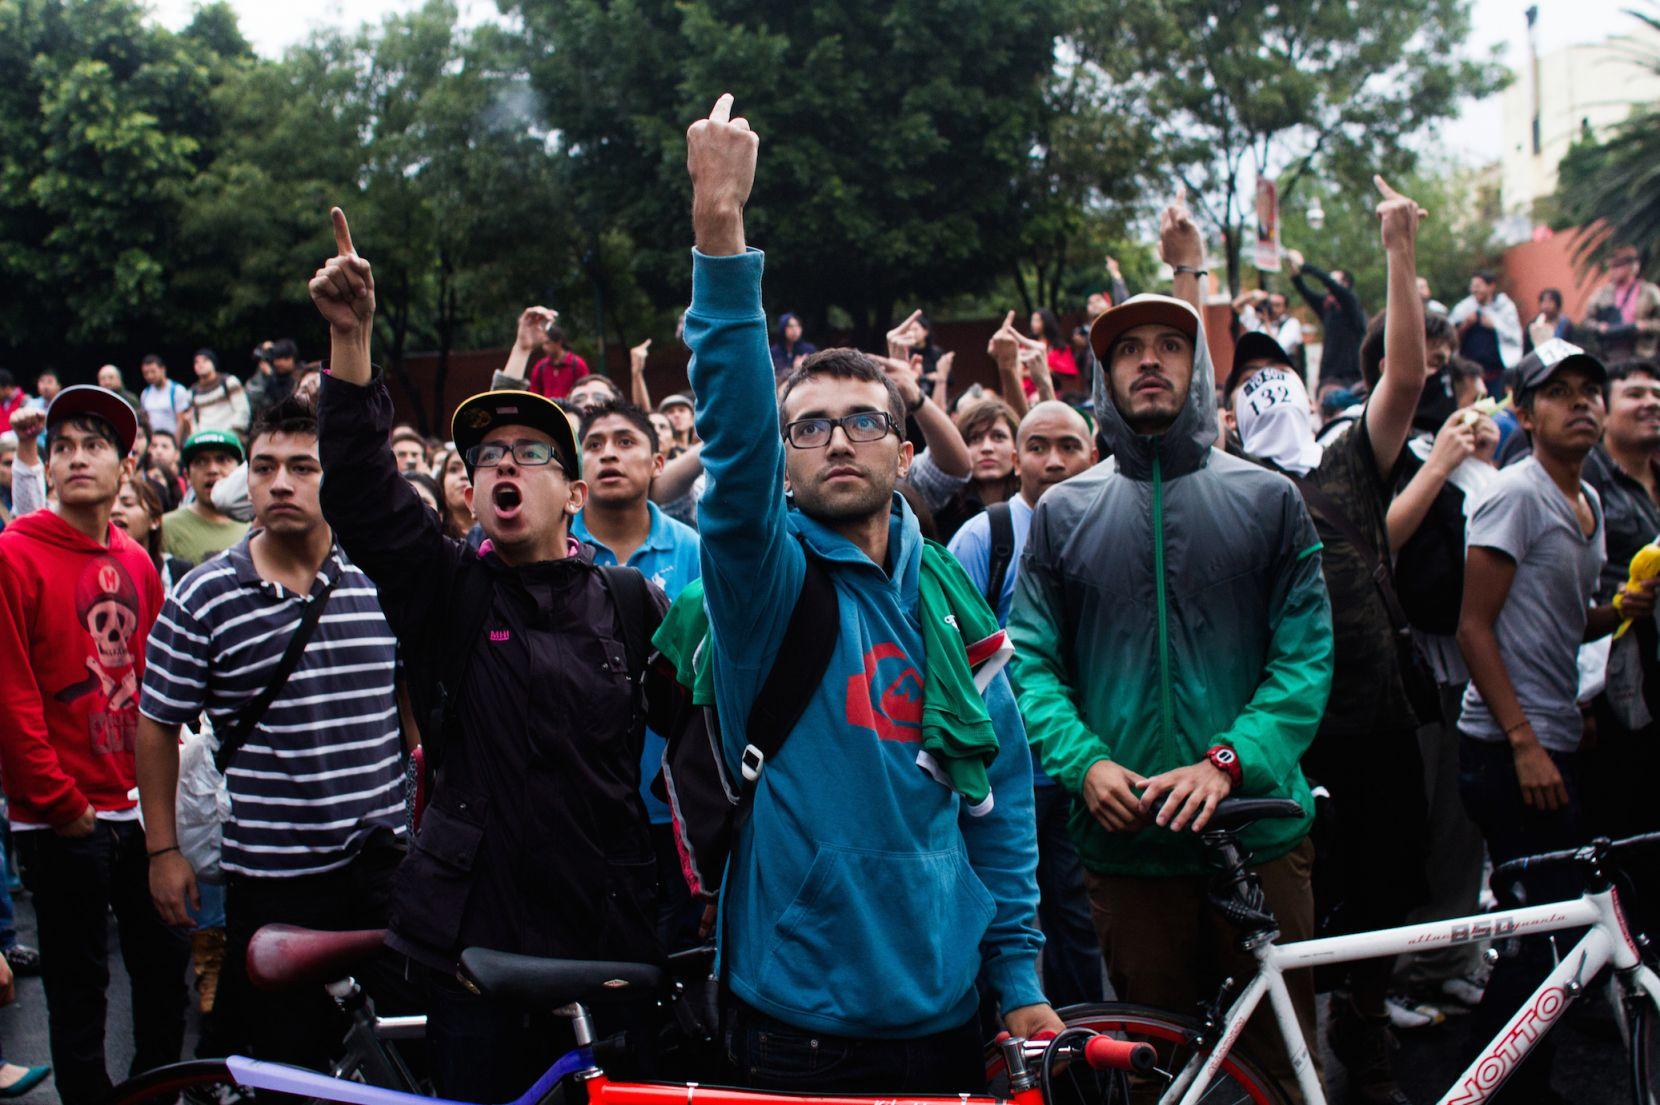 """Miles de jóvenes del movimiento #yosoy132, y otros movimientos civiles, marcharon en la Ciudad de México para protestar por lo que consideraron un """"gran número de anomalías, delitos electorales y actos violentos"""". Esto, un día después de las elecciones  p (2012) - Mauricio Palos"""